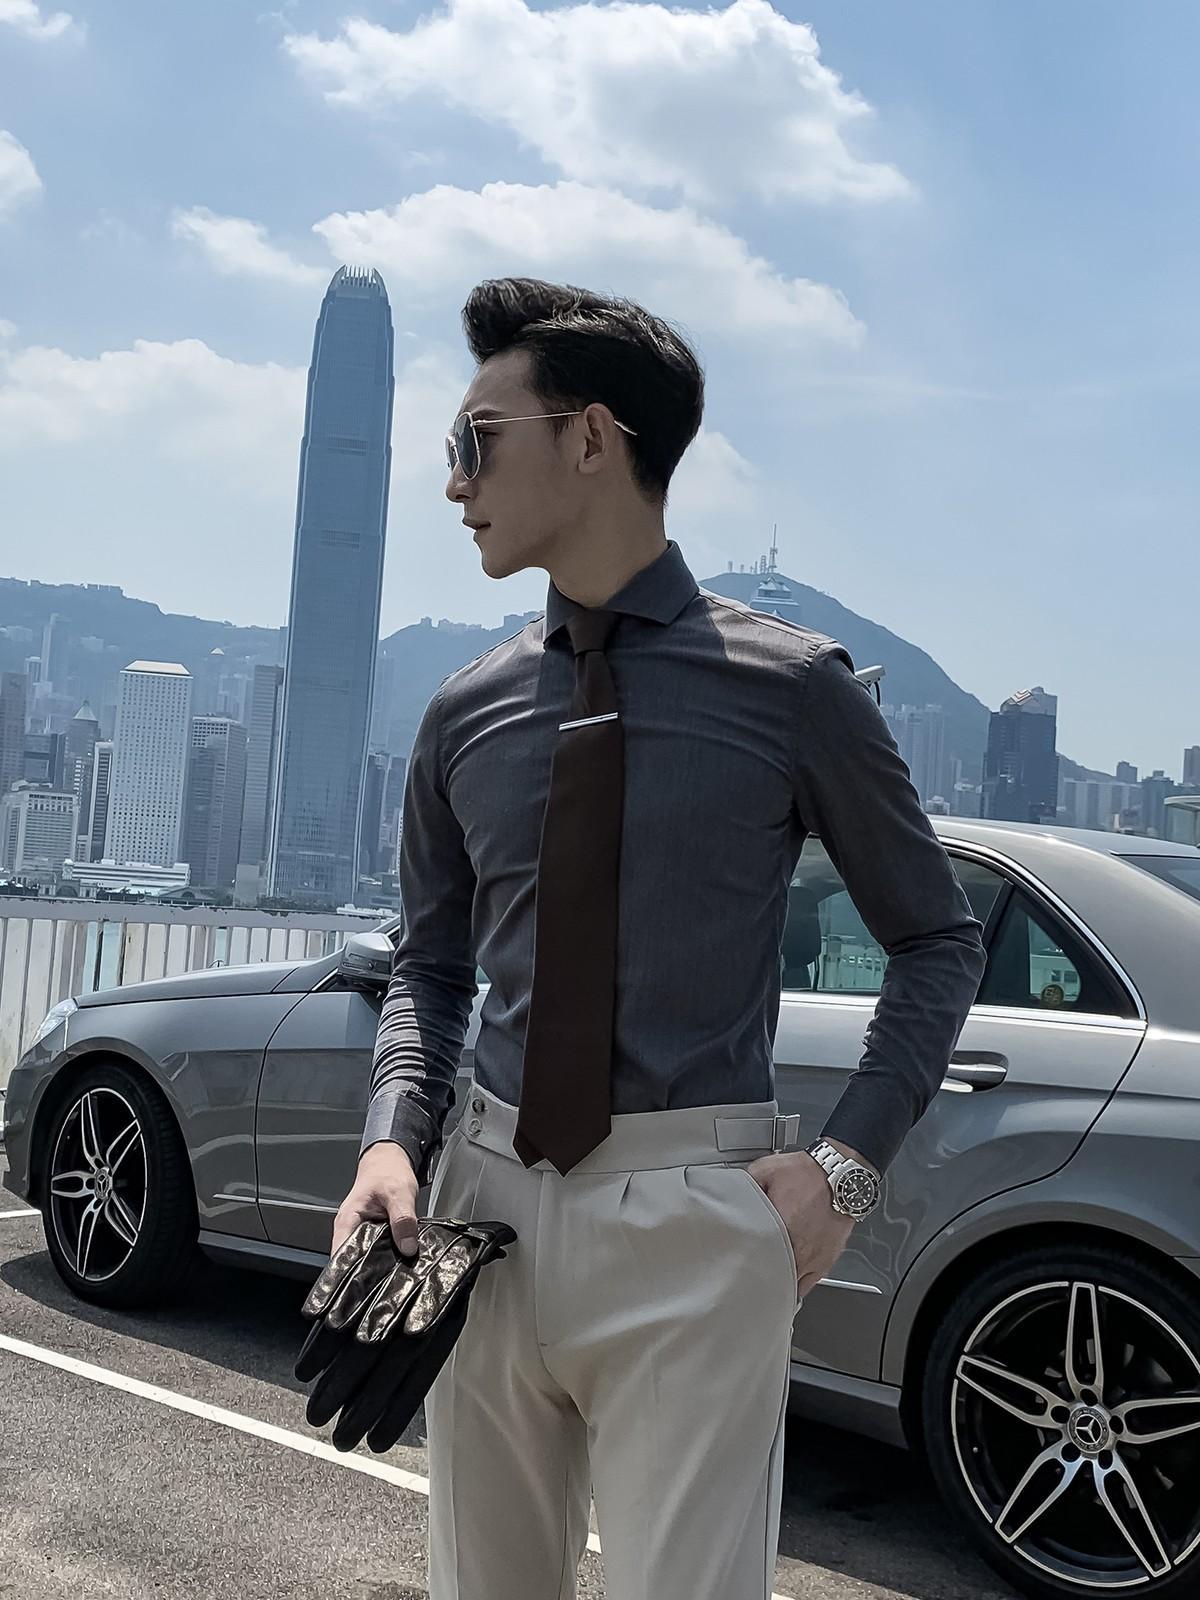 Daio Mens Francese Windsor coreano una lettera collare di struttura di temperamento della camicia a maniche lunghe uomini britannici